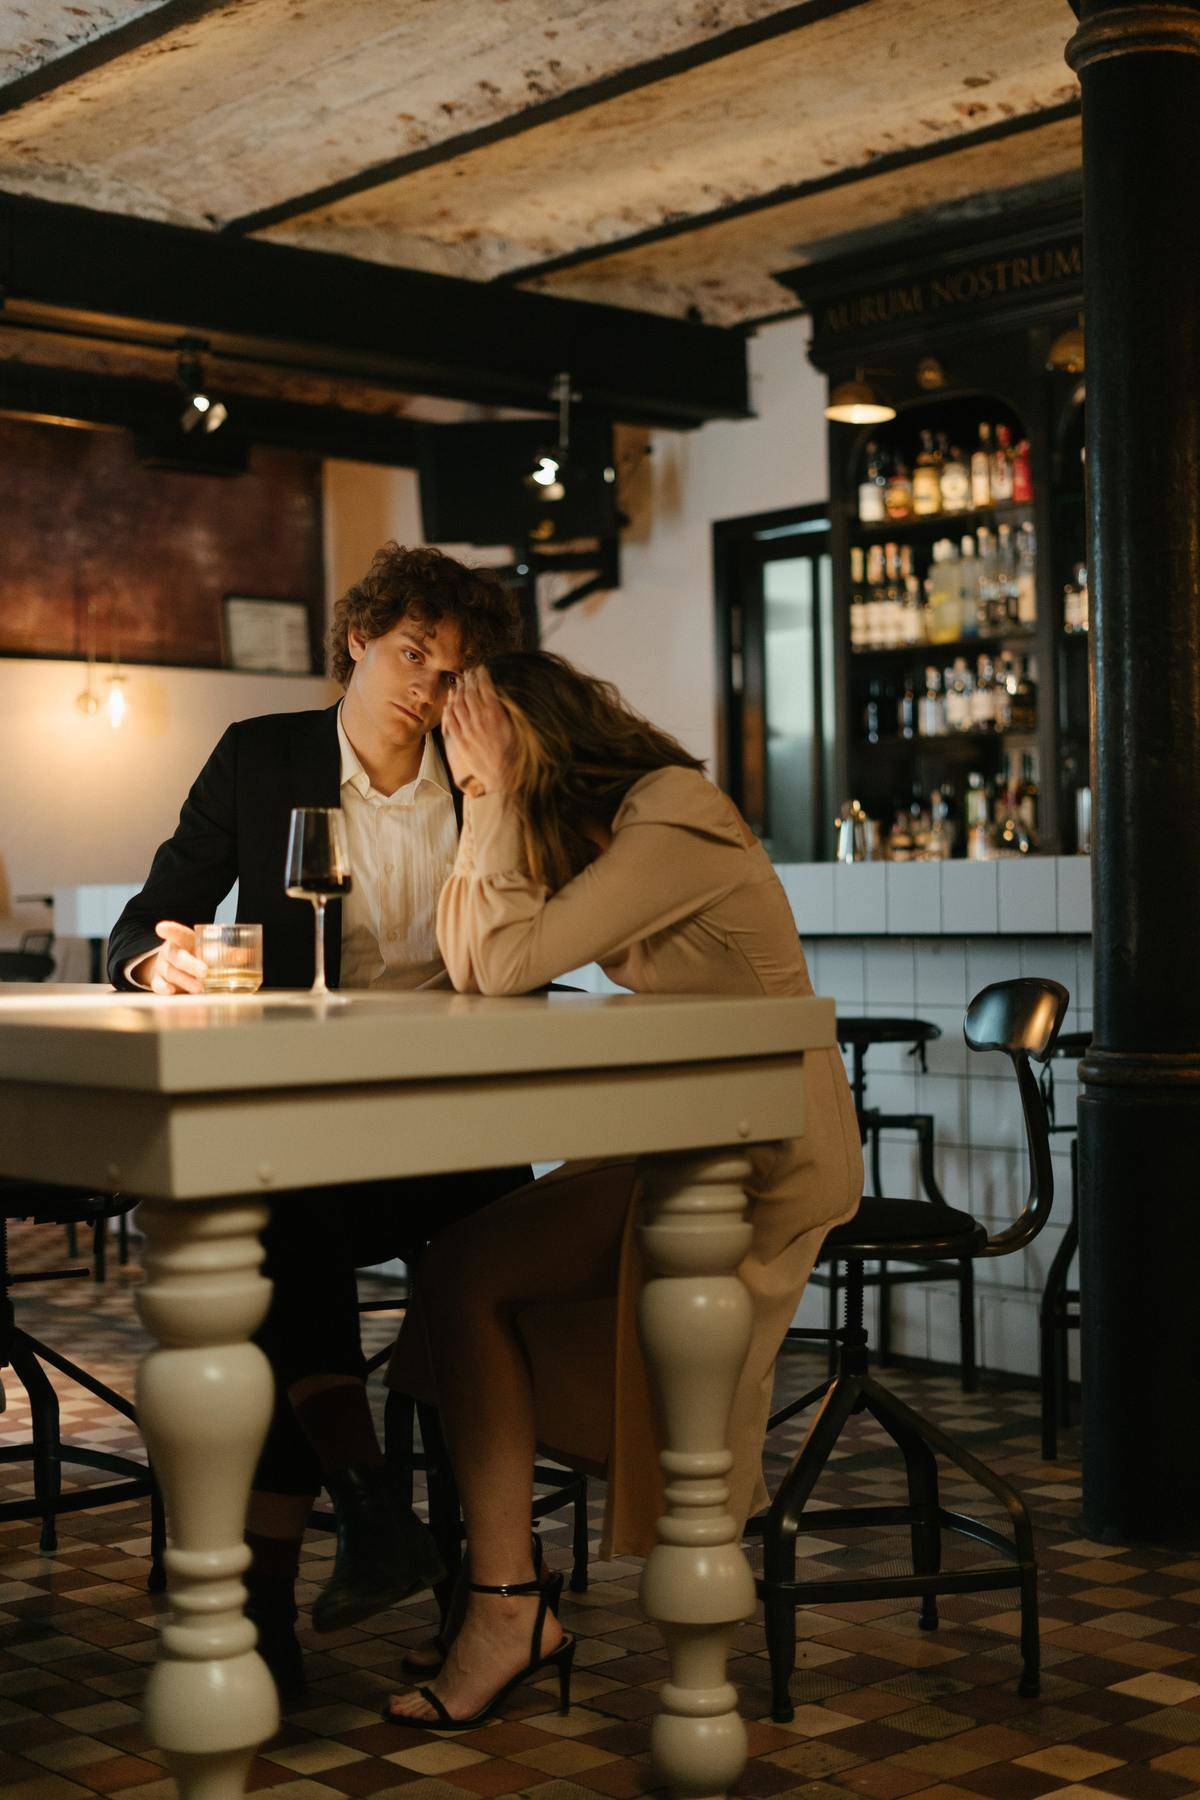 man and woman at bar looking upset